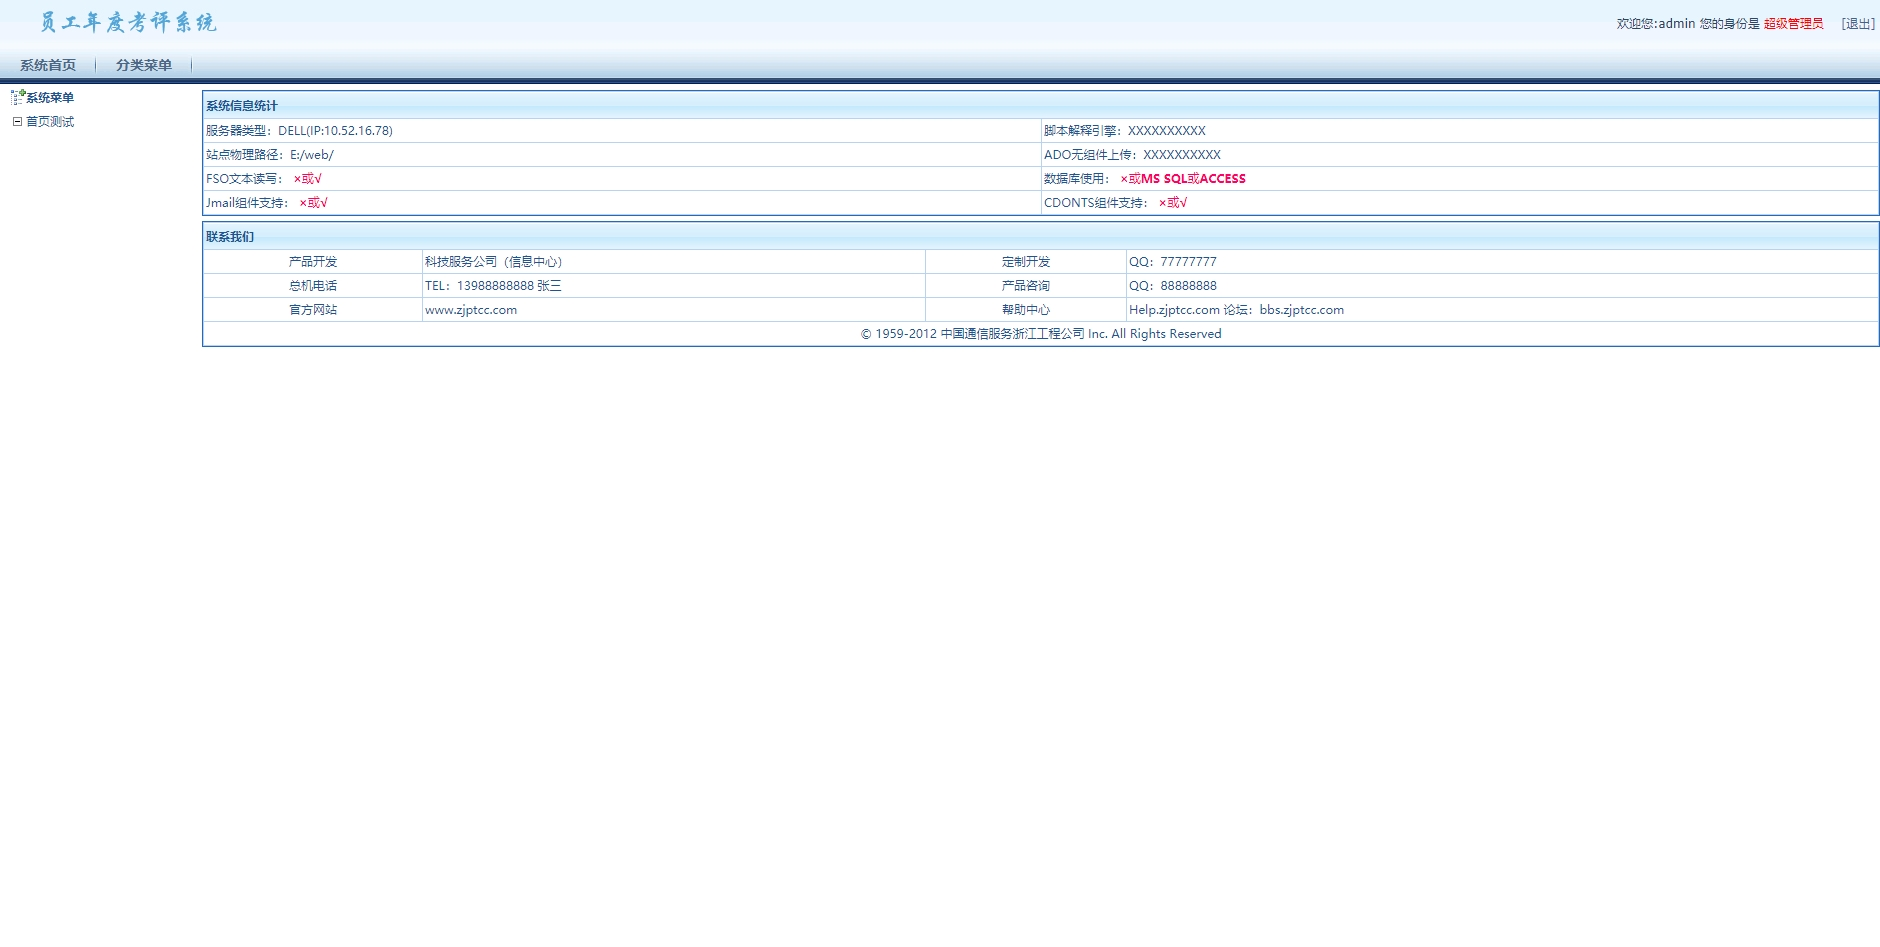 简单的年度员工考评系统UI cms后台模板html源码下载